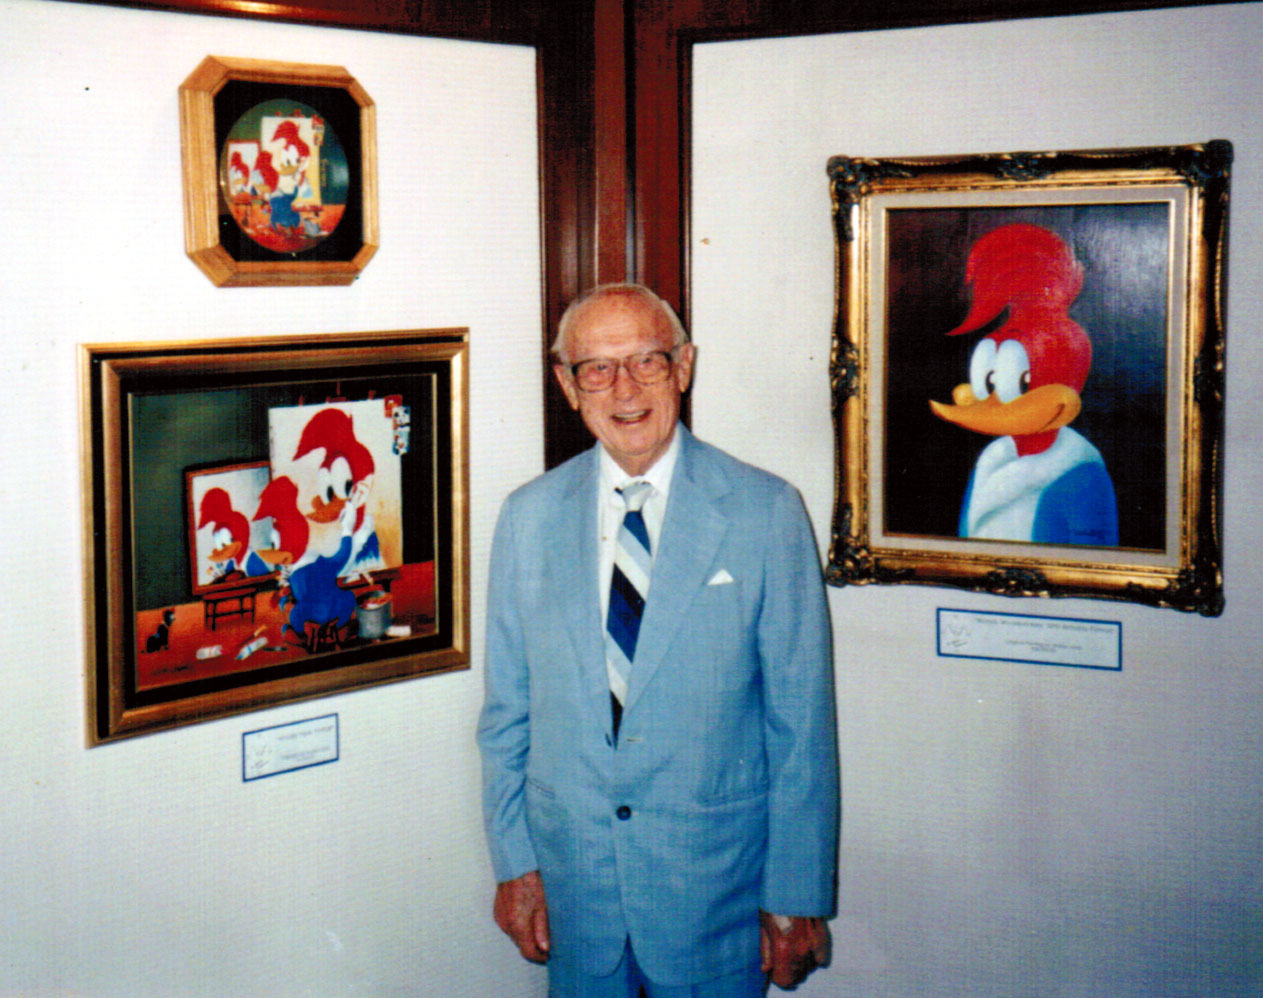 Ветеран студии Уолтер Ланц с фотографиями придуманного им дятла Вуди